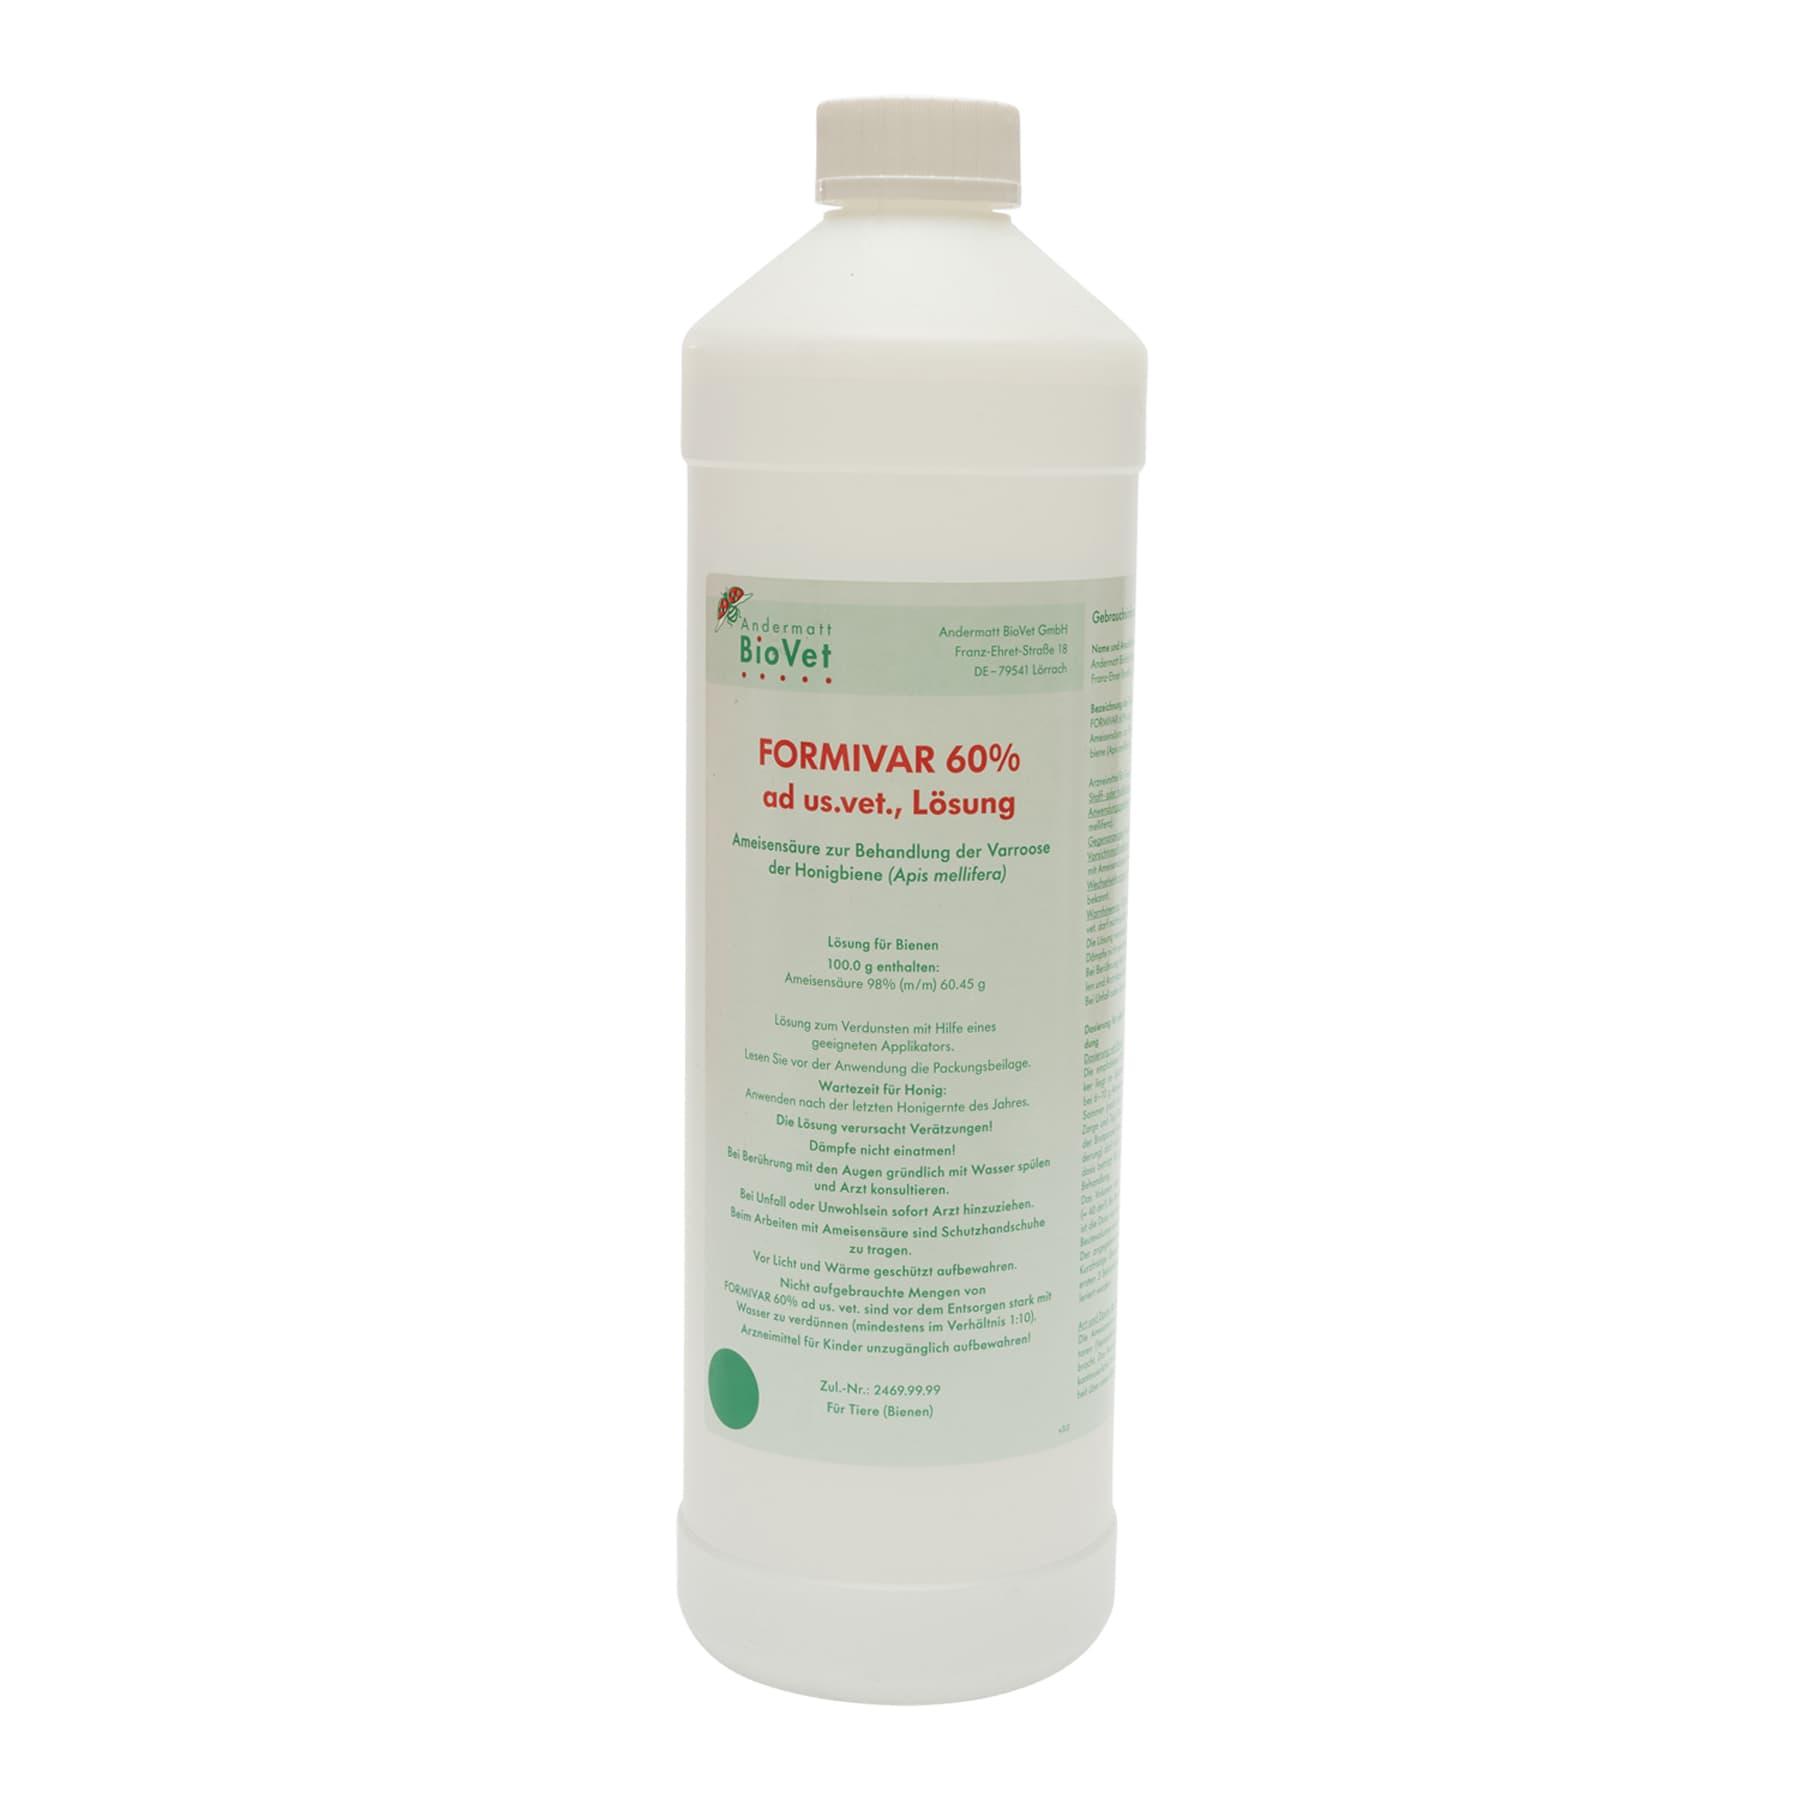 Ameisensäure 60 %  ad us. vet. Liter, Formivar Kunststoffflasche, (Hersteller Andermatt BioVet GmbH) wegen Gefahrgut nur zur Selbstabholung